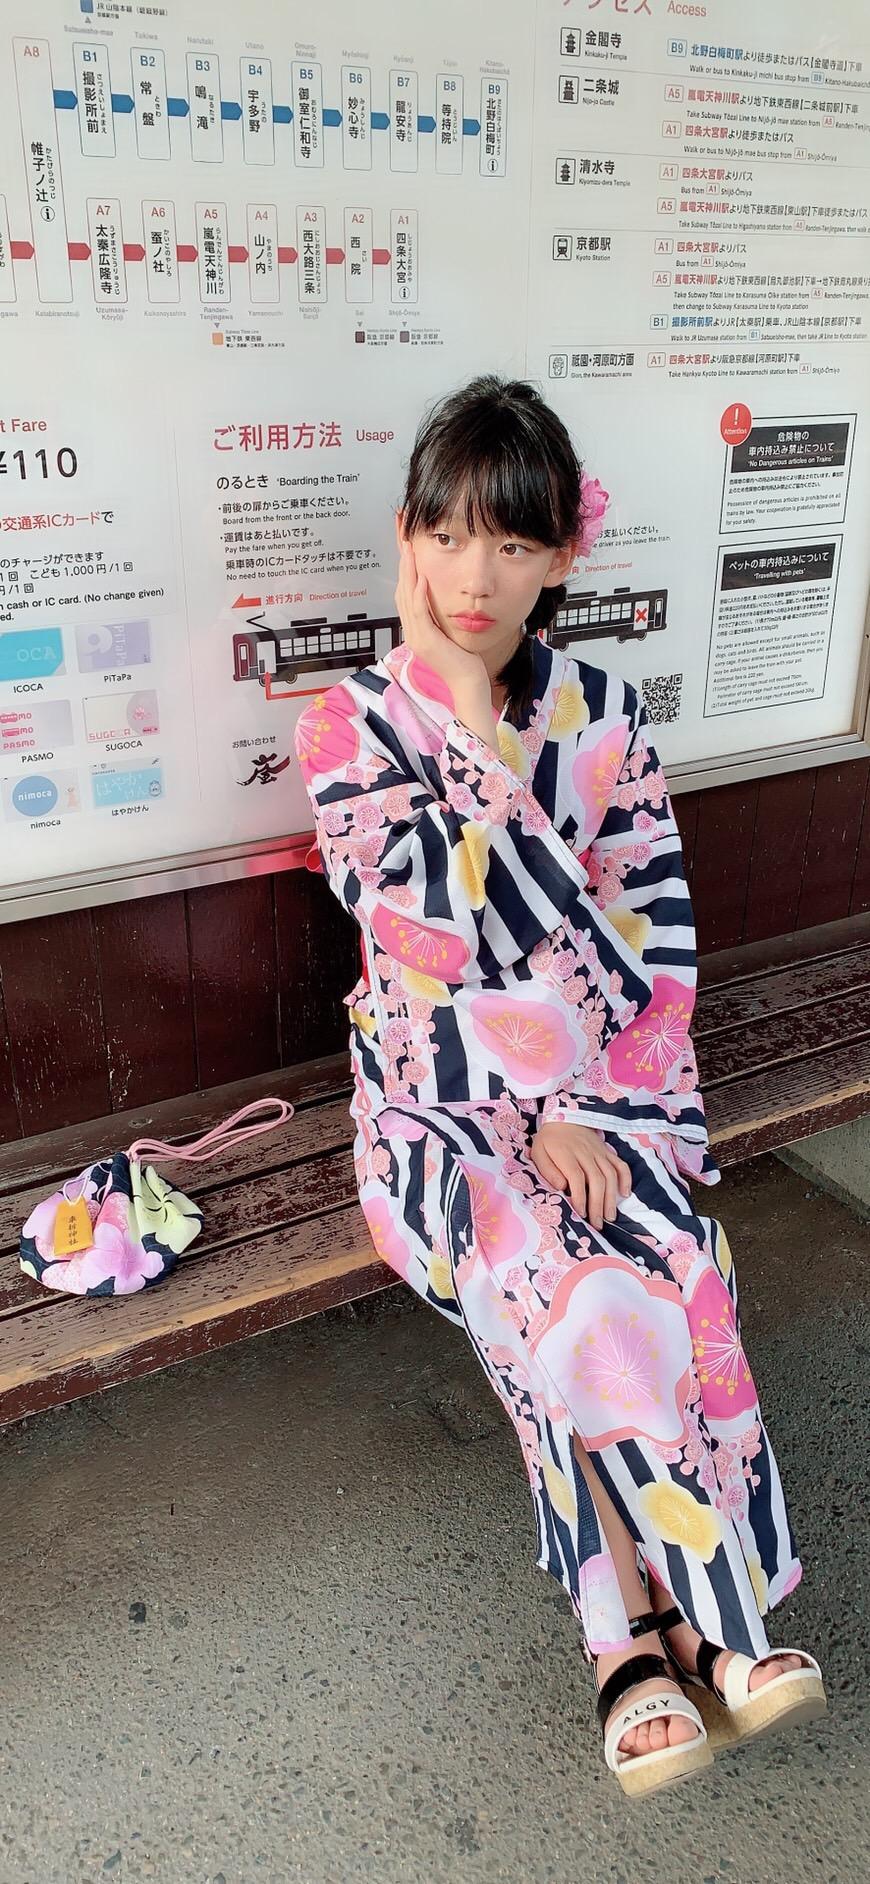 七夕はカップルで浴衣レンタル♡2019年7月7日5